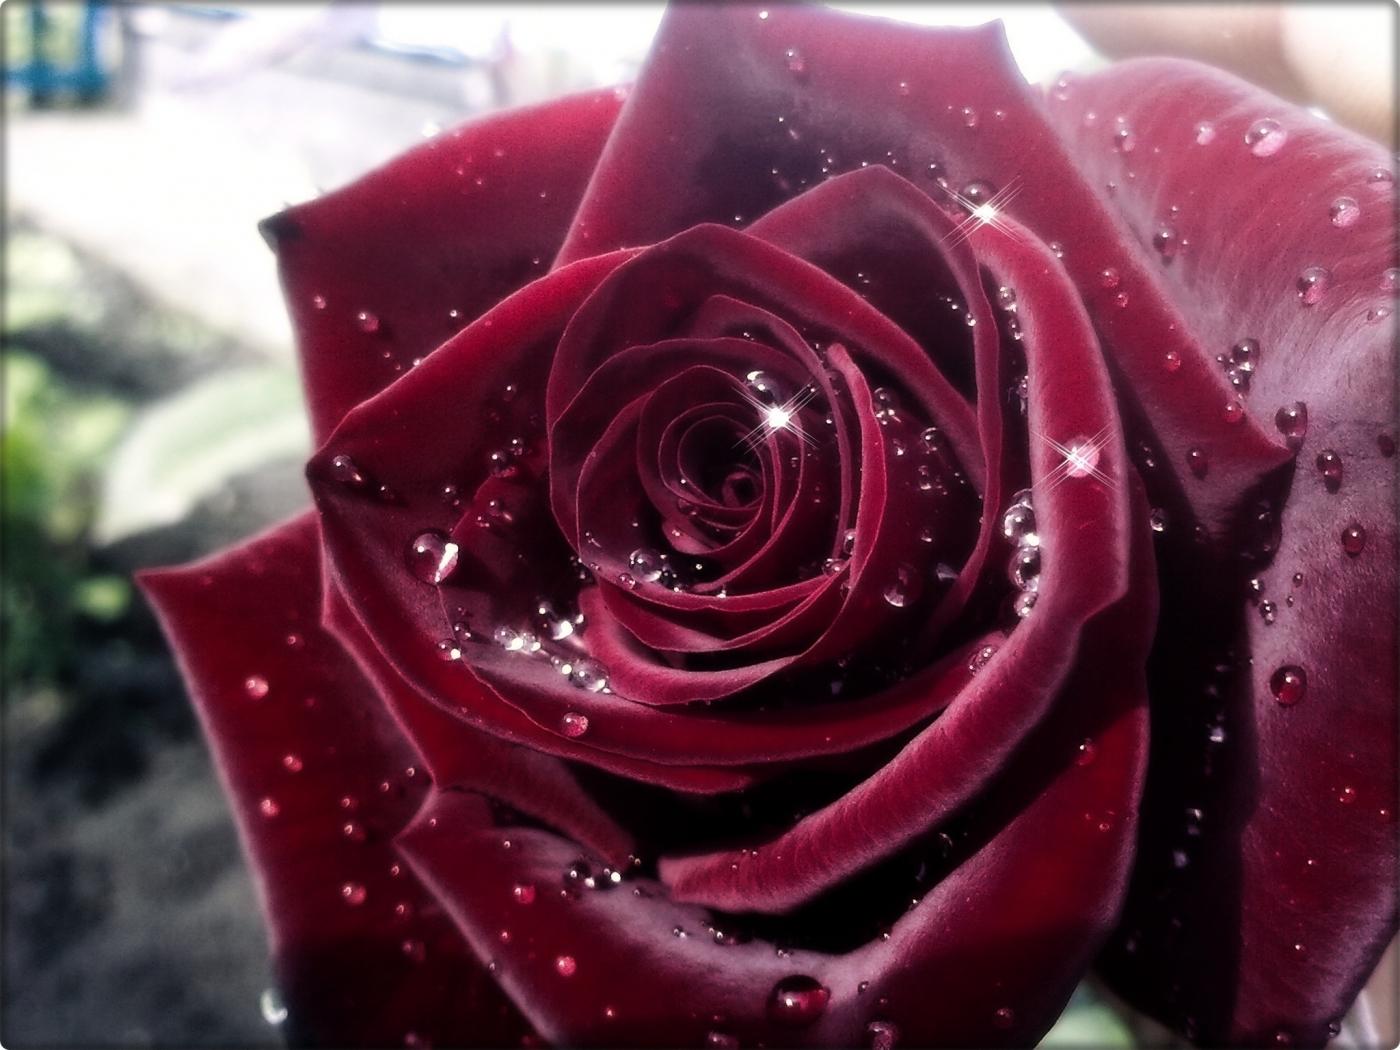 43556 скачать обои Растения, Цветы, Розы - заставки и картинки бесплатно